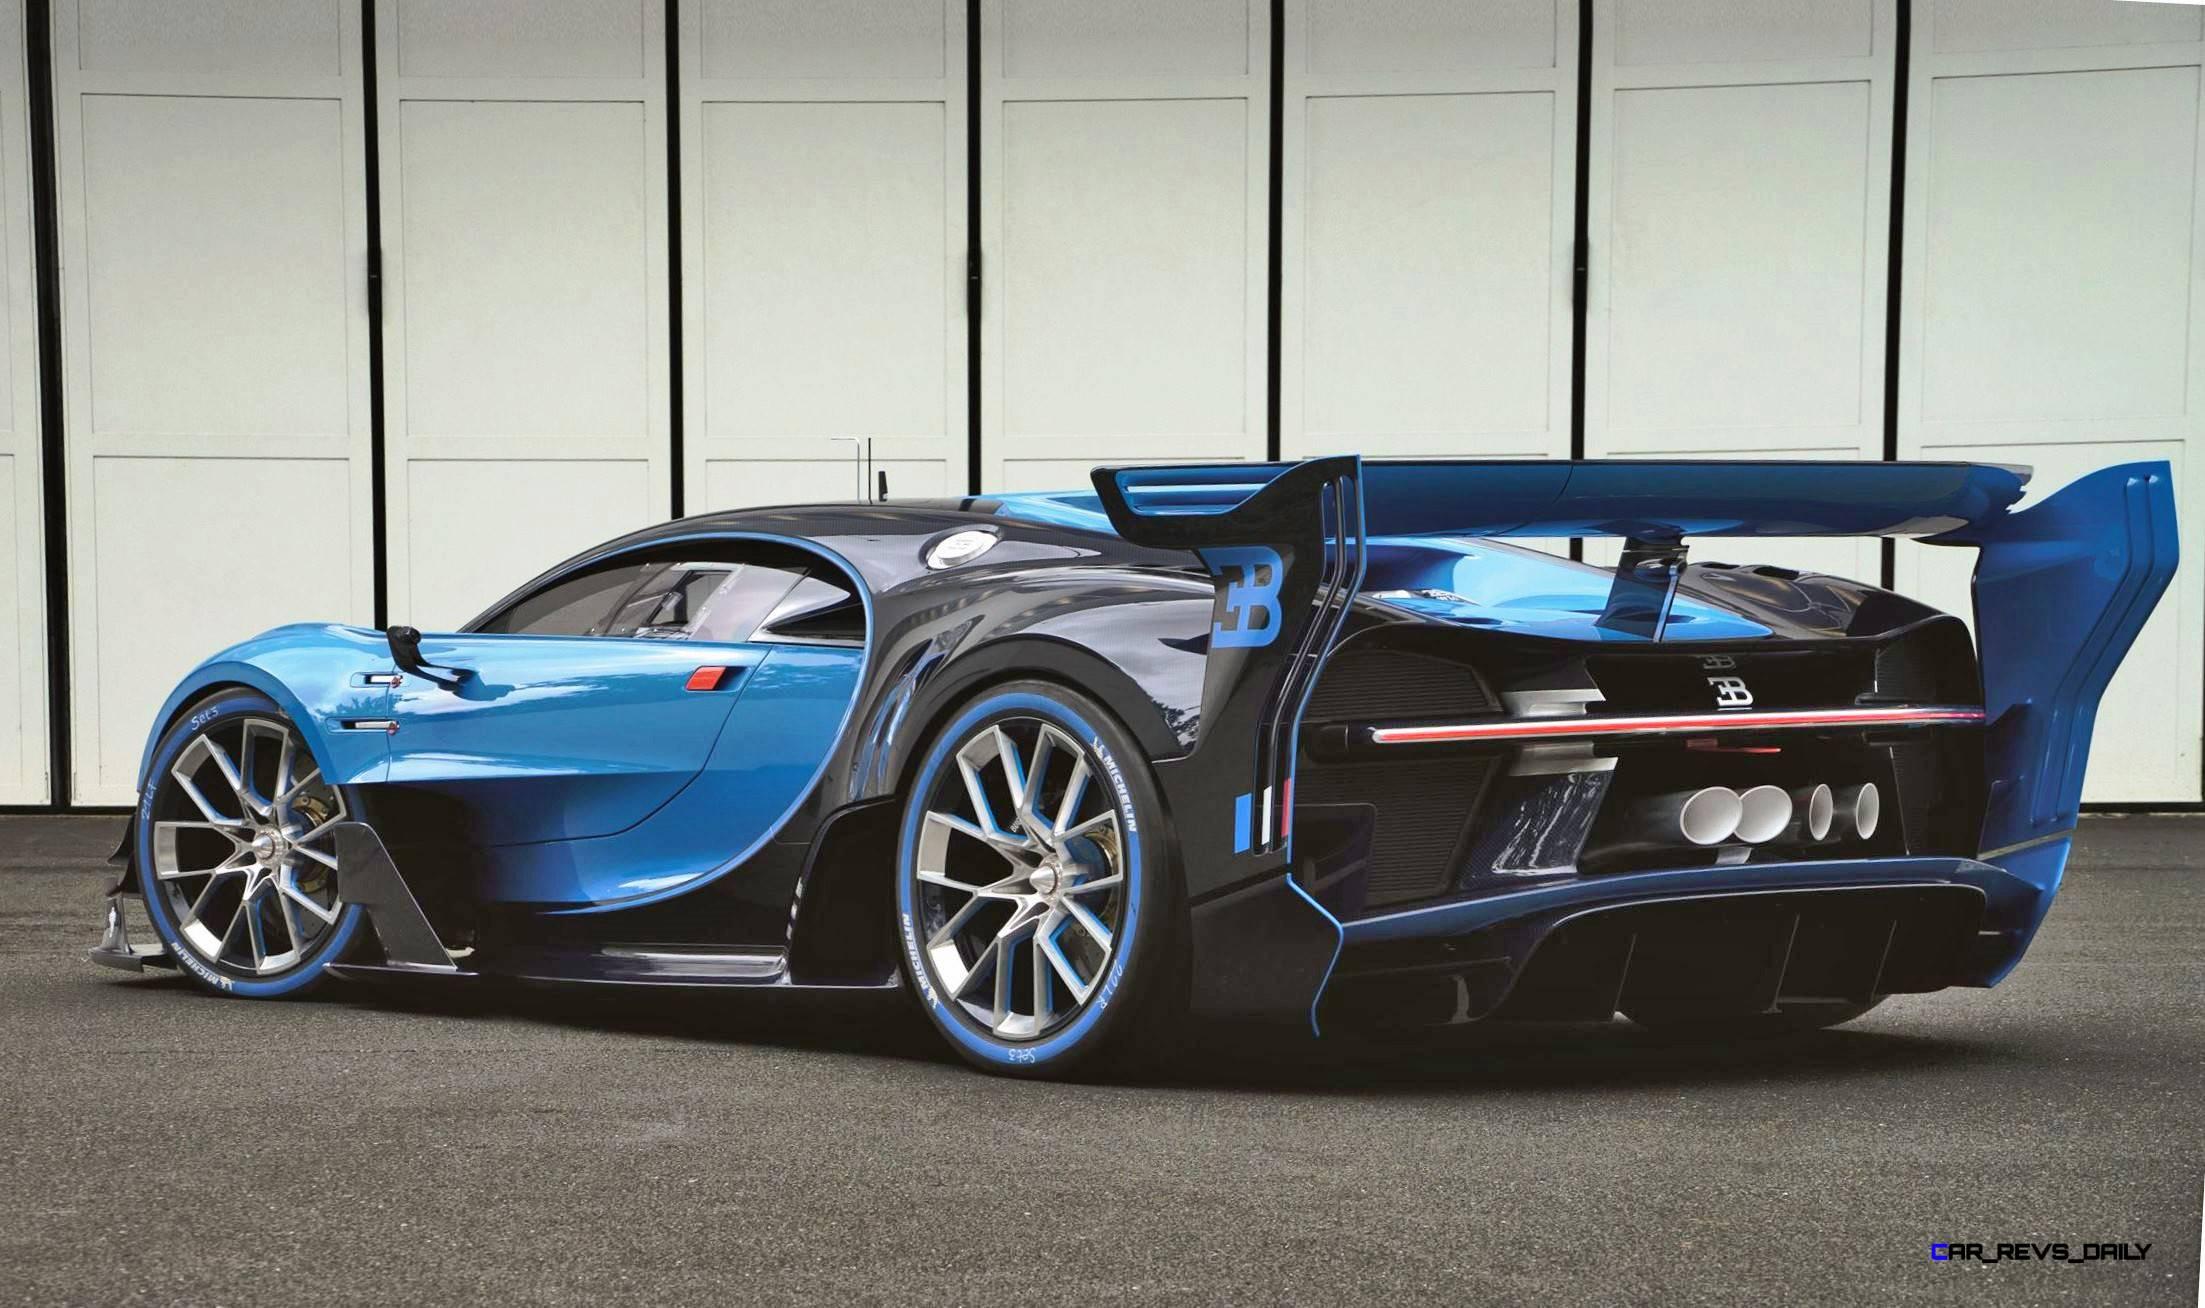 2017 Bugatti CHIRON Official Preview 2015 Bugatti Vision Gran Turismo